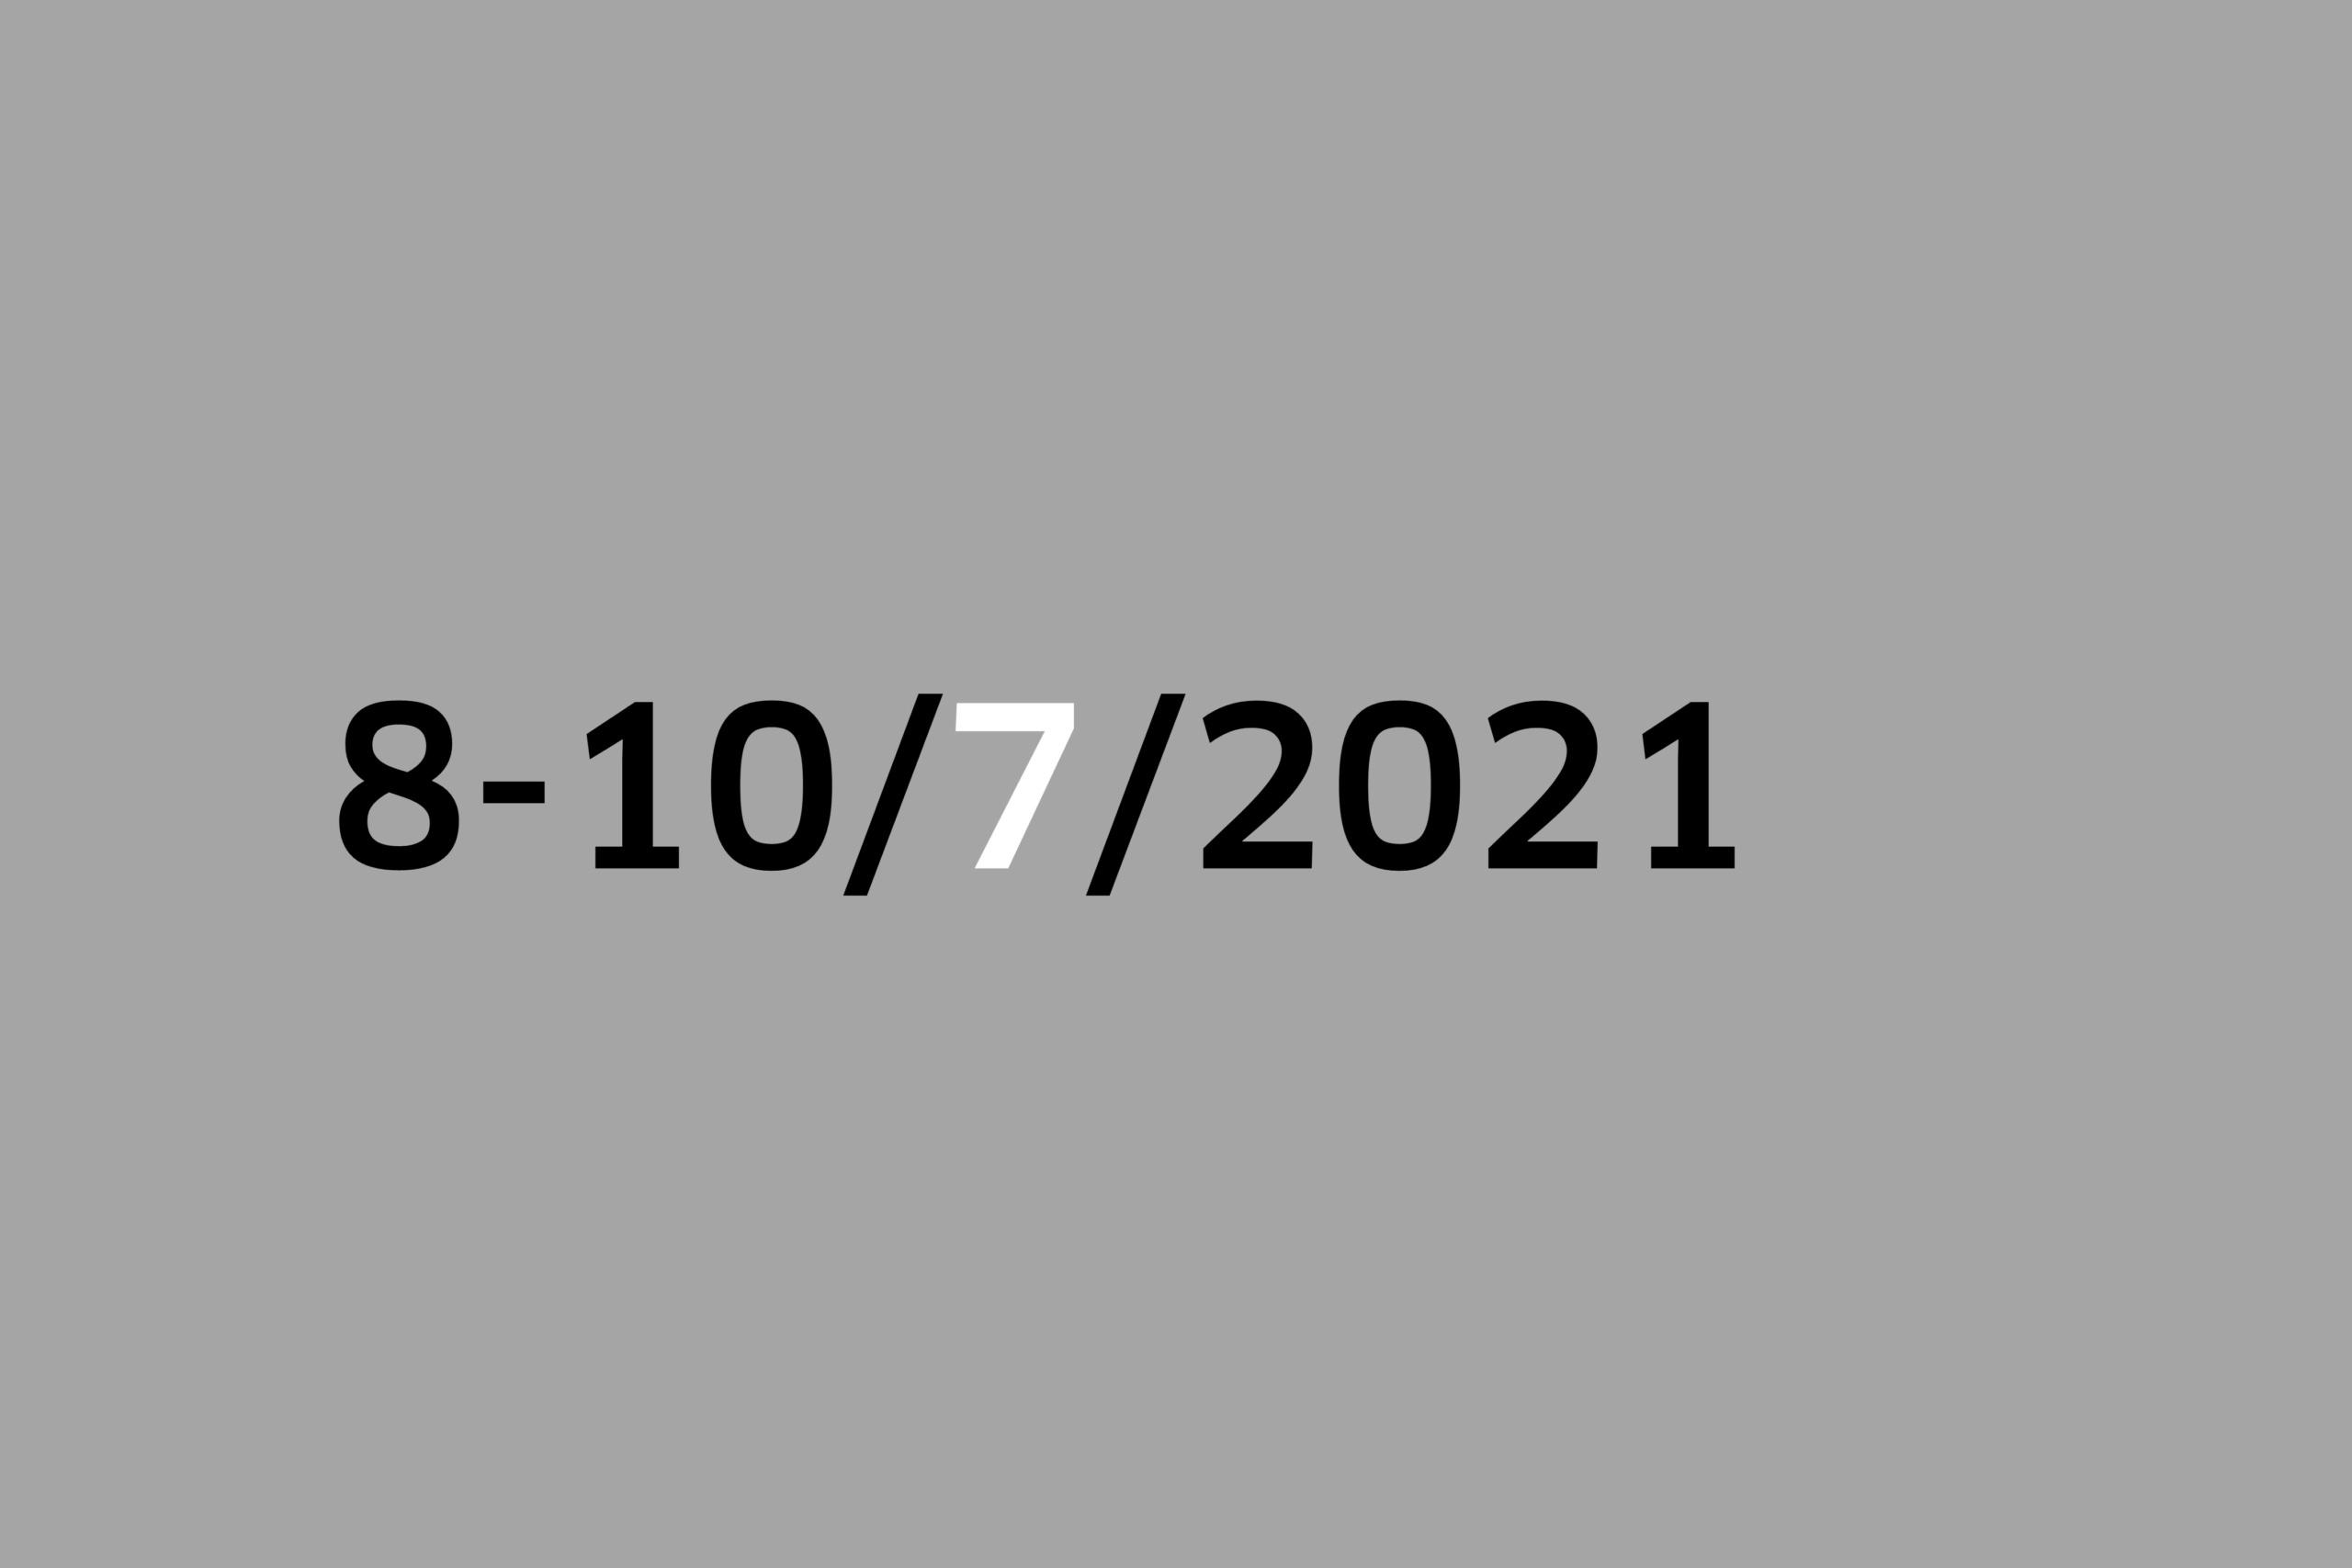 Studio 8-10/7/2021